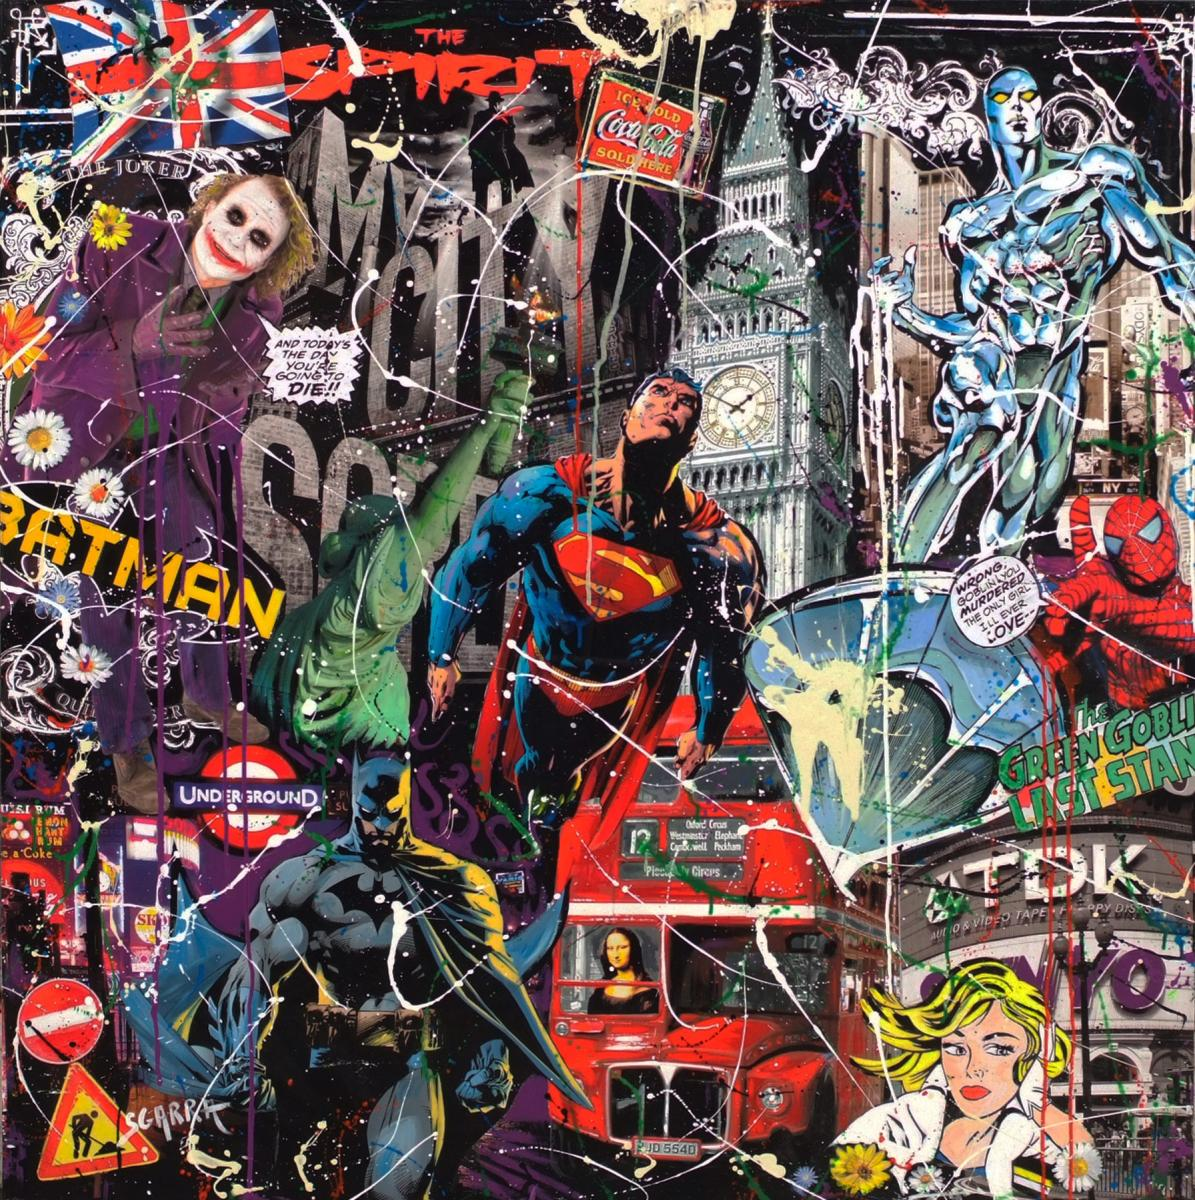 SGARRA Robert Comics Heroes In London Painting Circa 1990